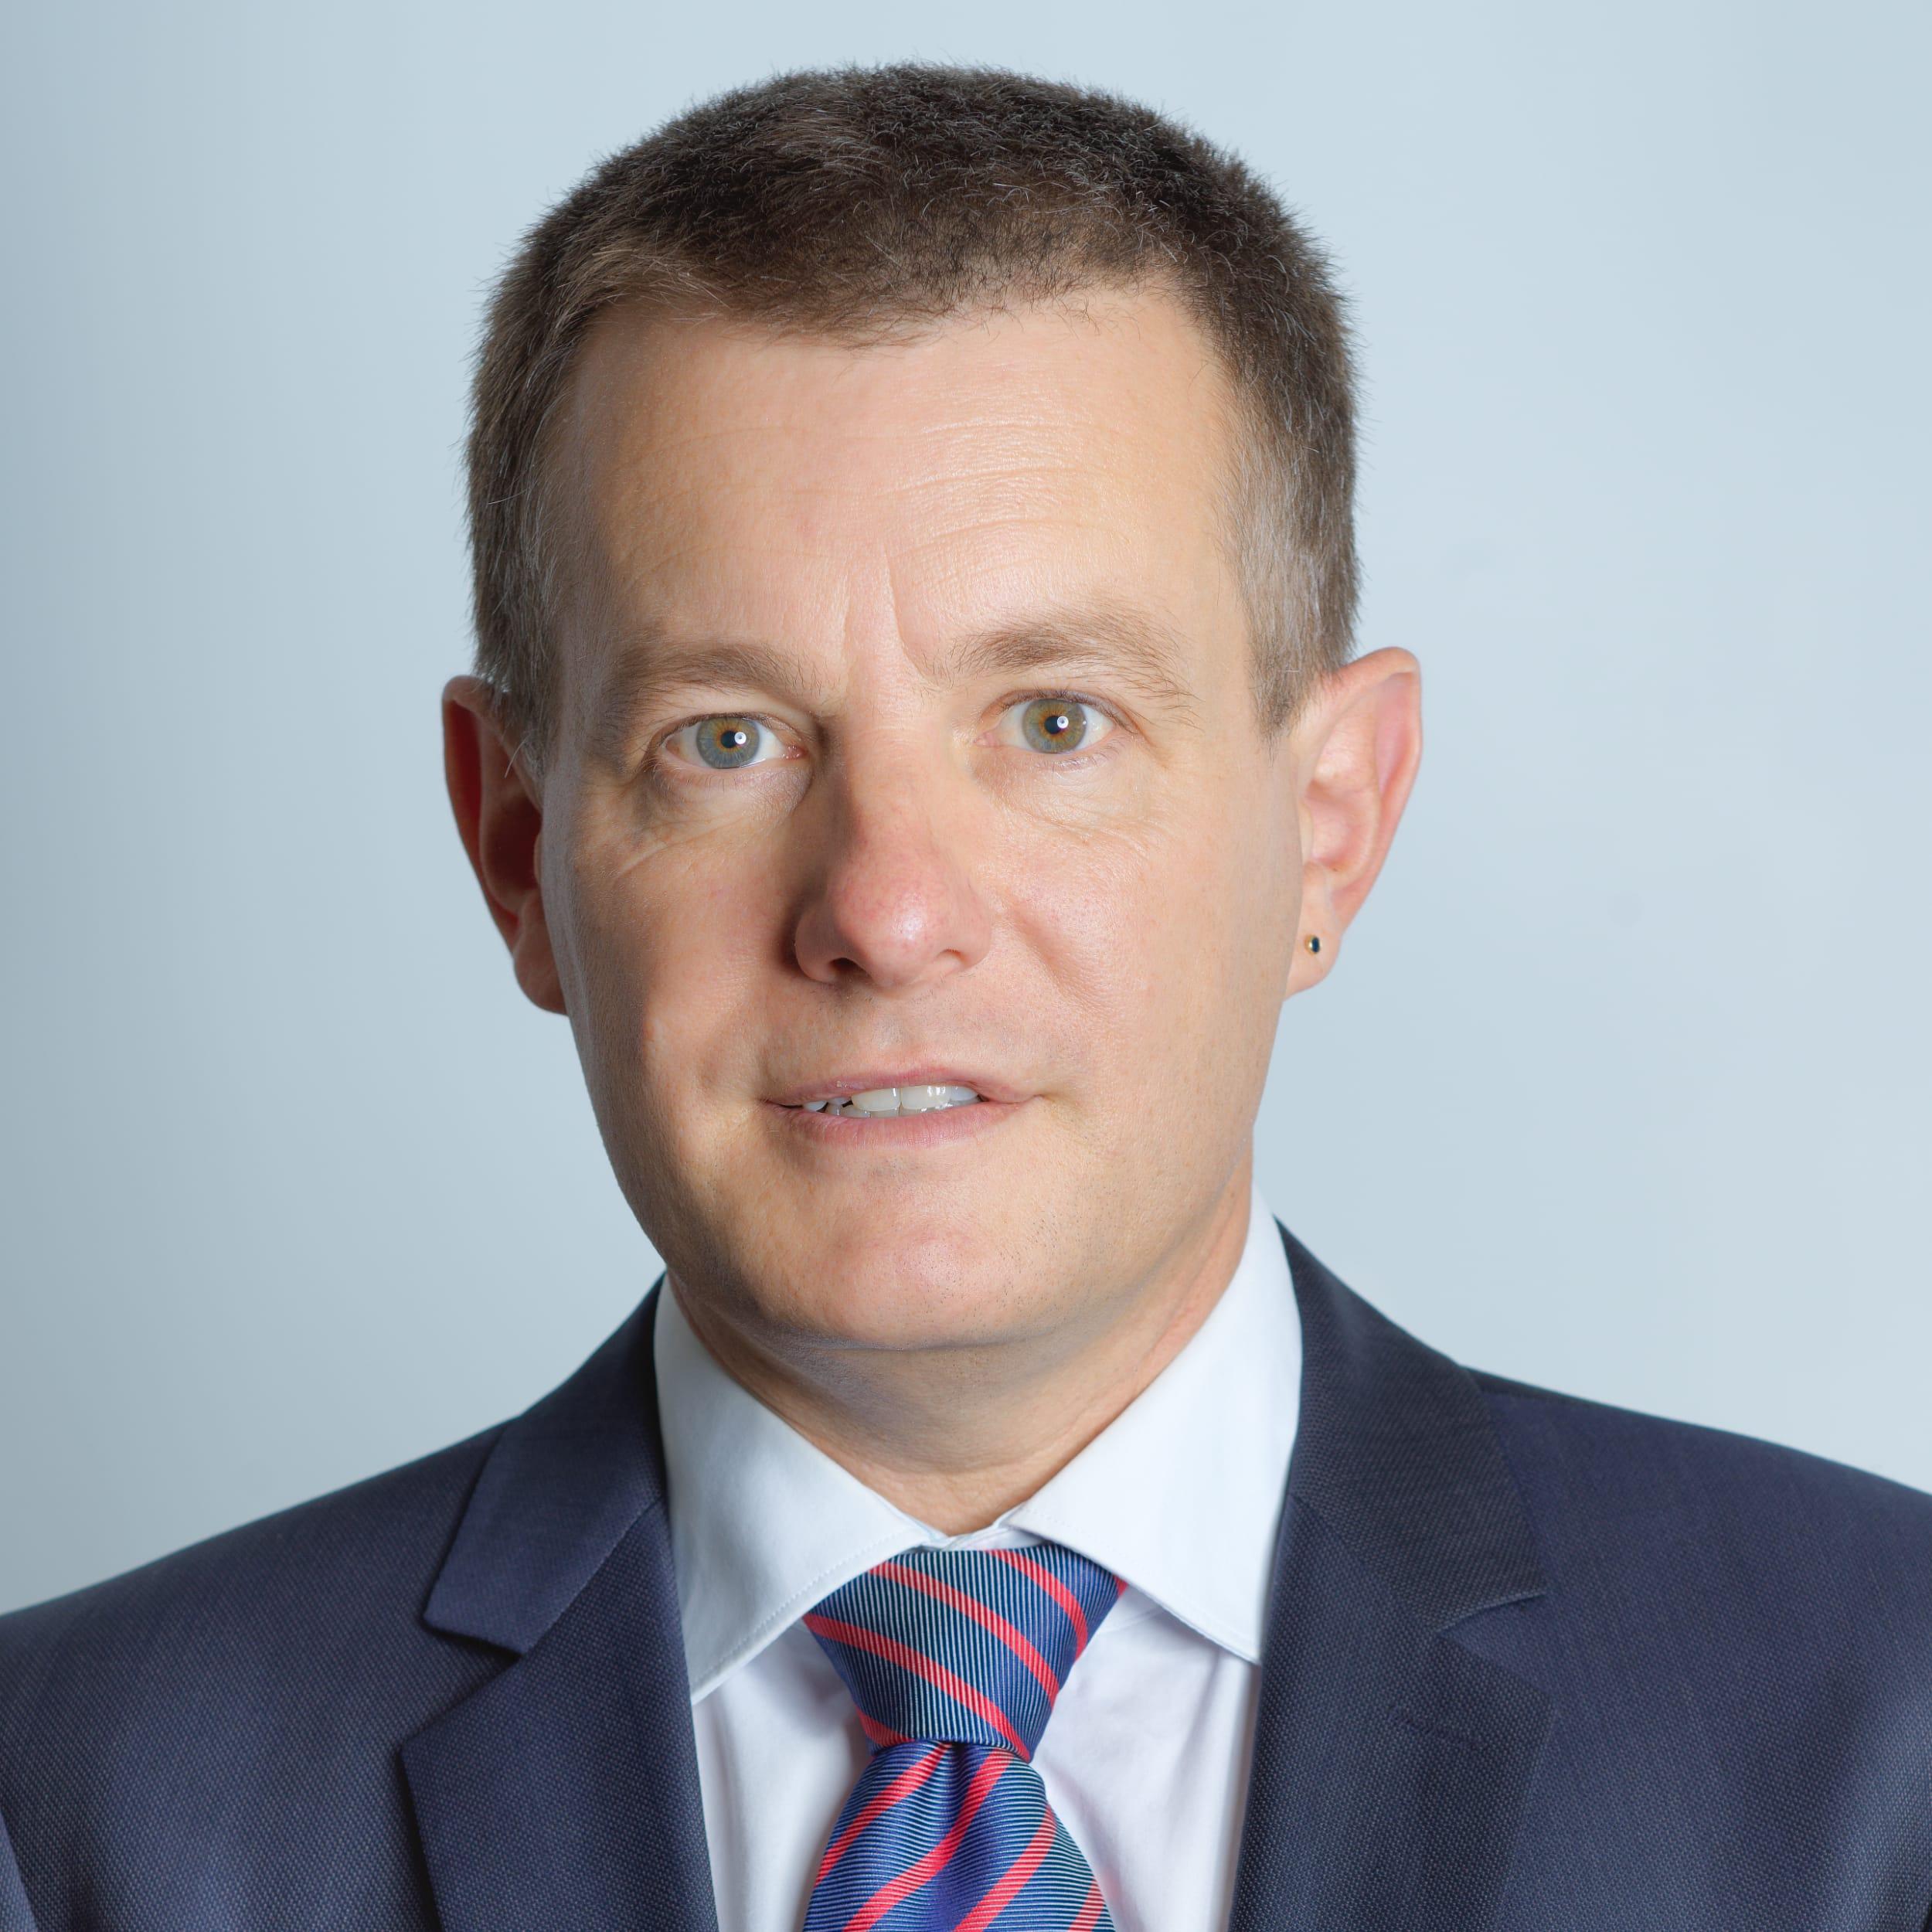 Hans Keist, diplomierter Maschineningenieur, ist seit Anfang 2019 als Managing Partner Mitglied der Geschäftsleitung der CGZ.